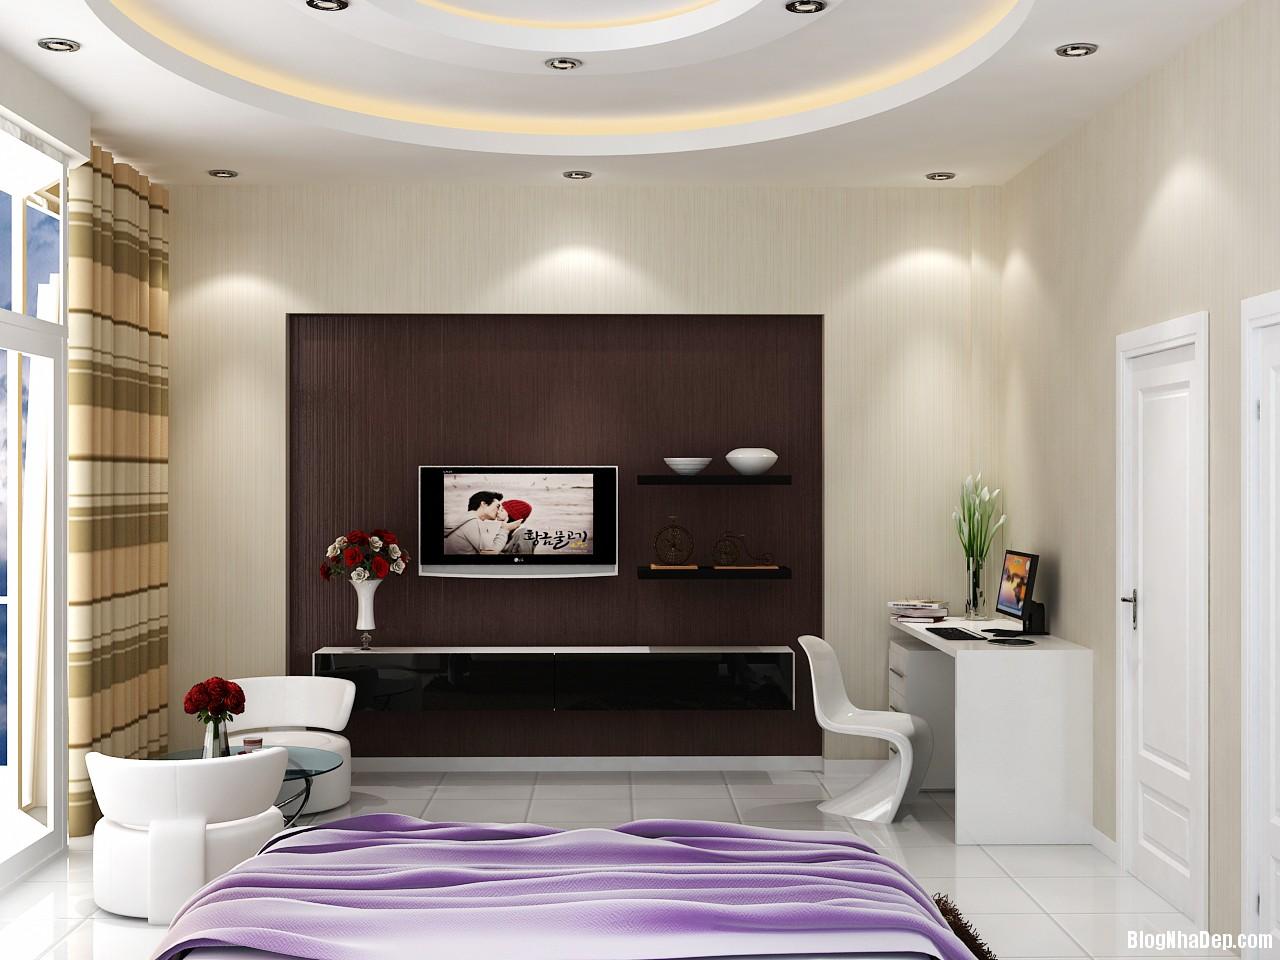 71 Bắt kịp xu hướng thiết kế nội thất nhà ở hiện đại